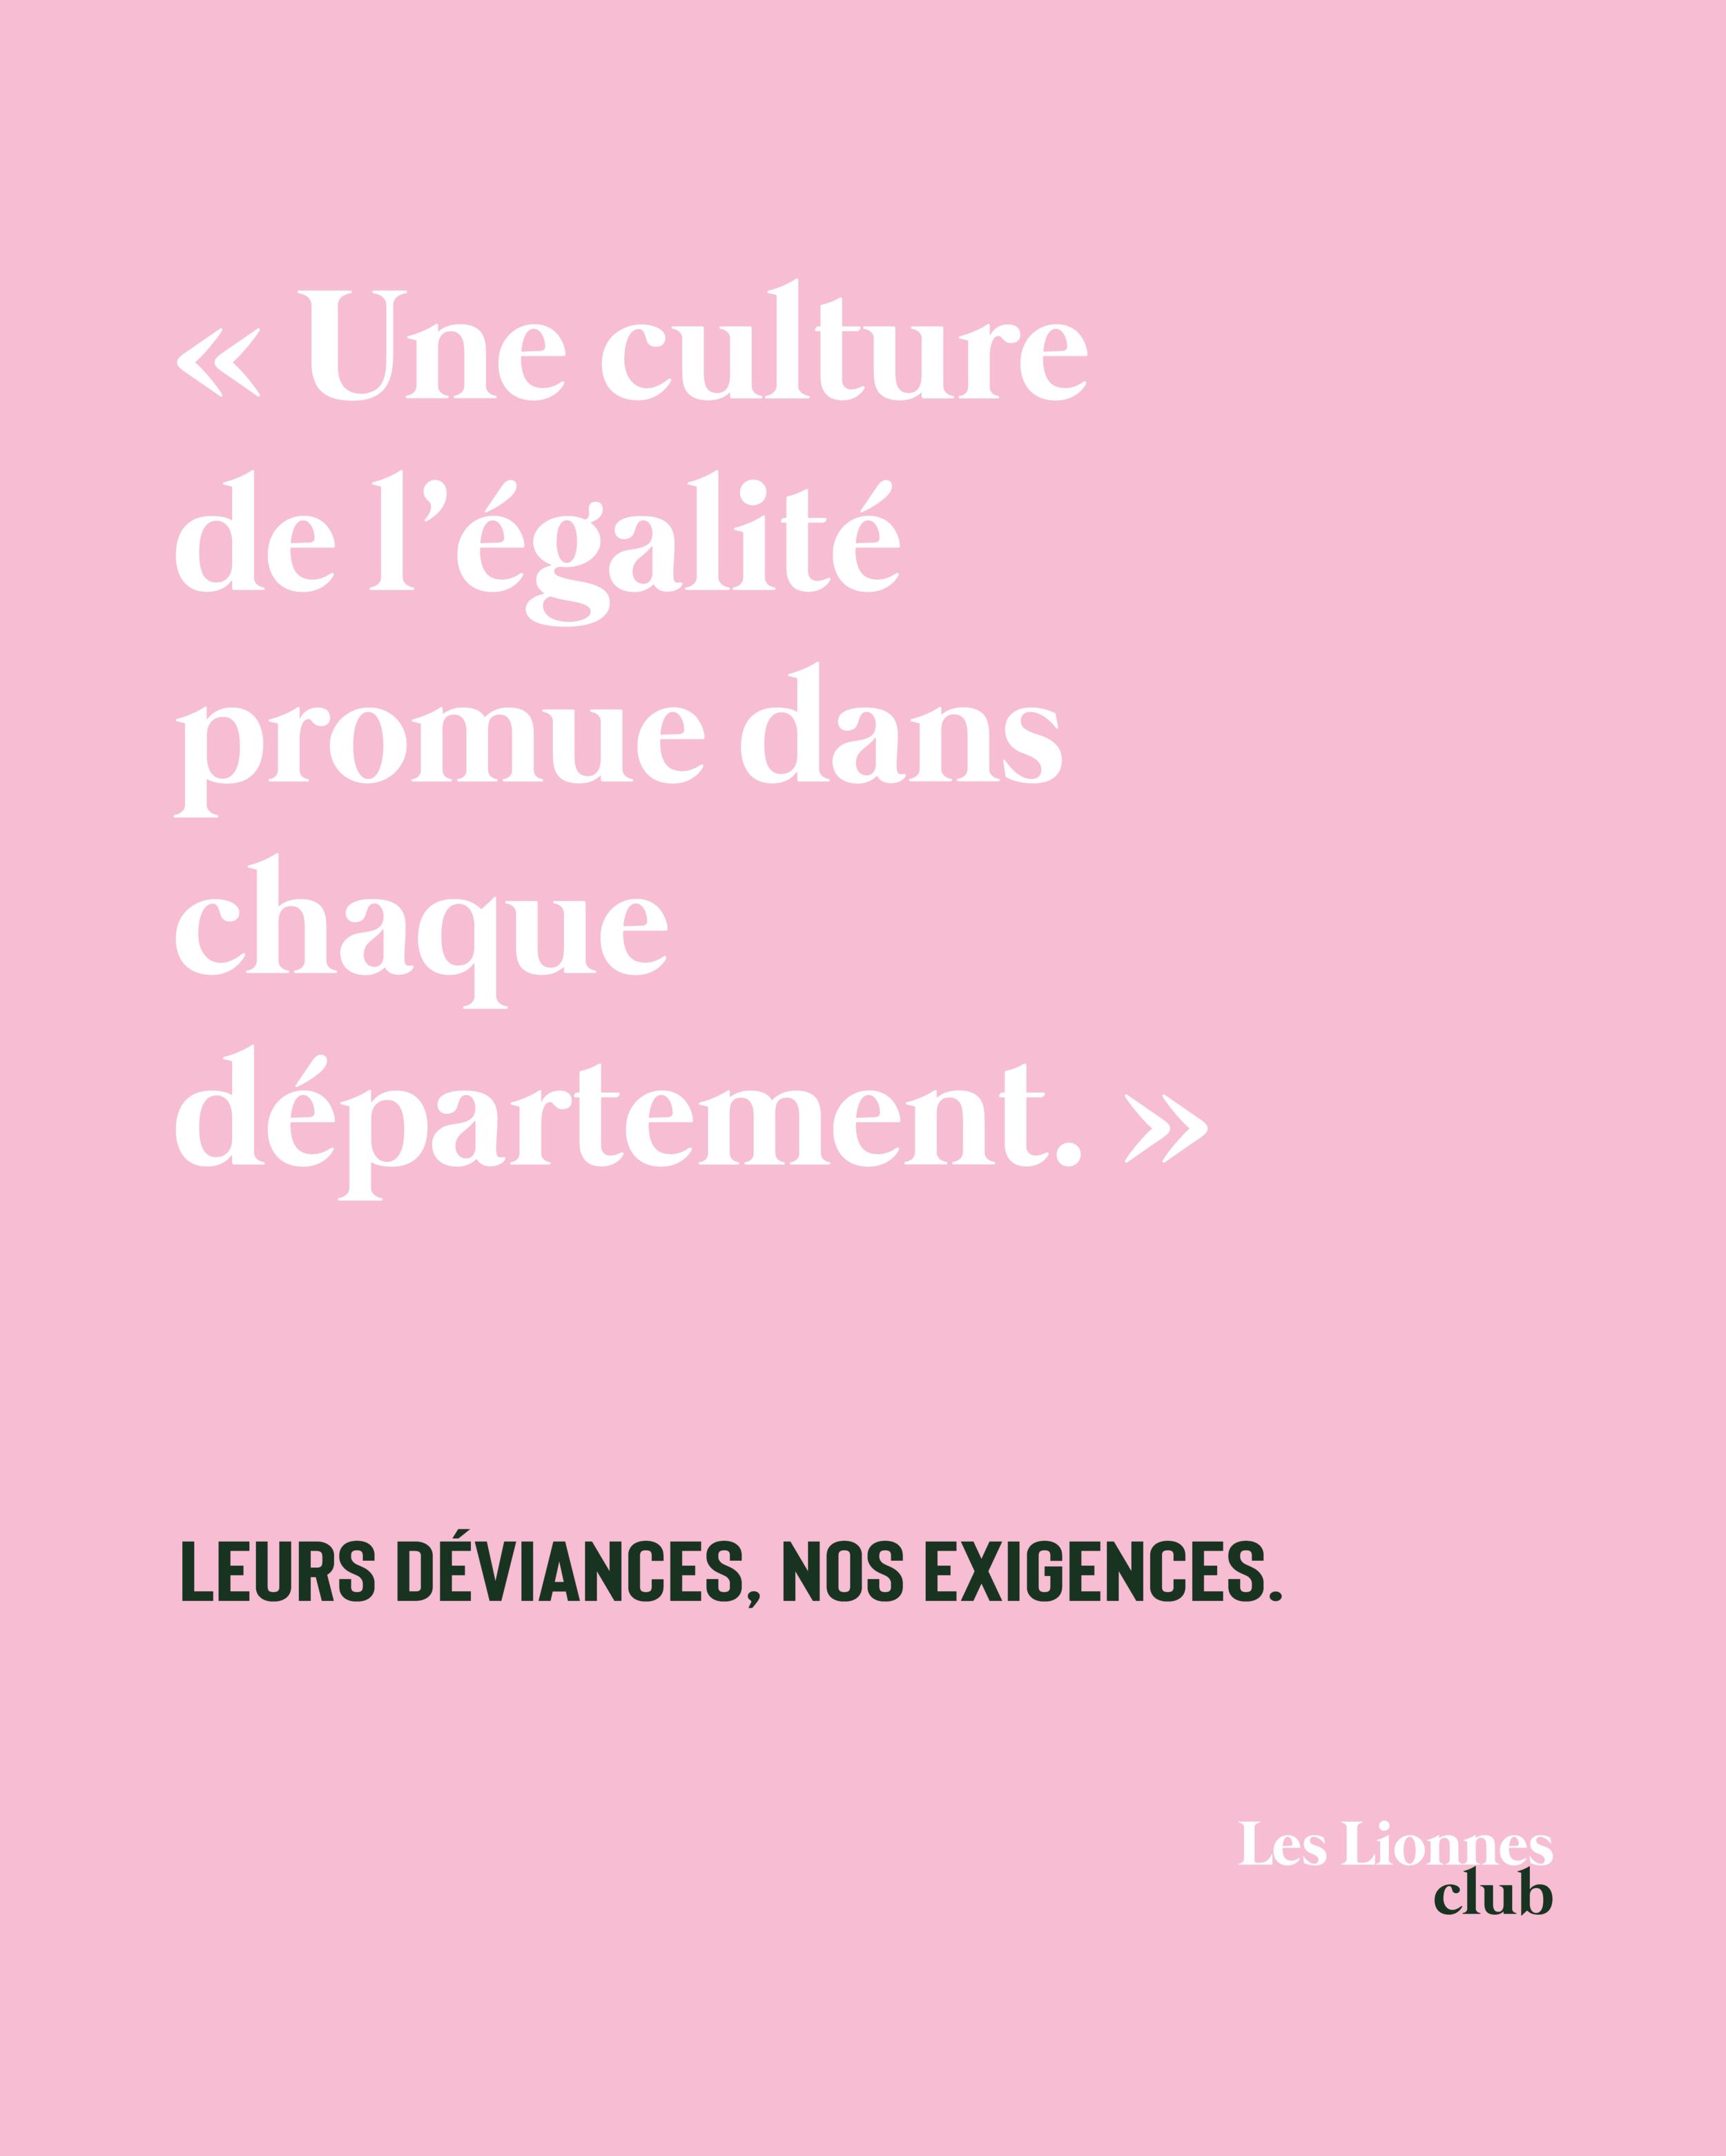 Egalité_fr INSTA.png